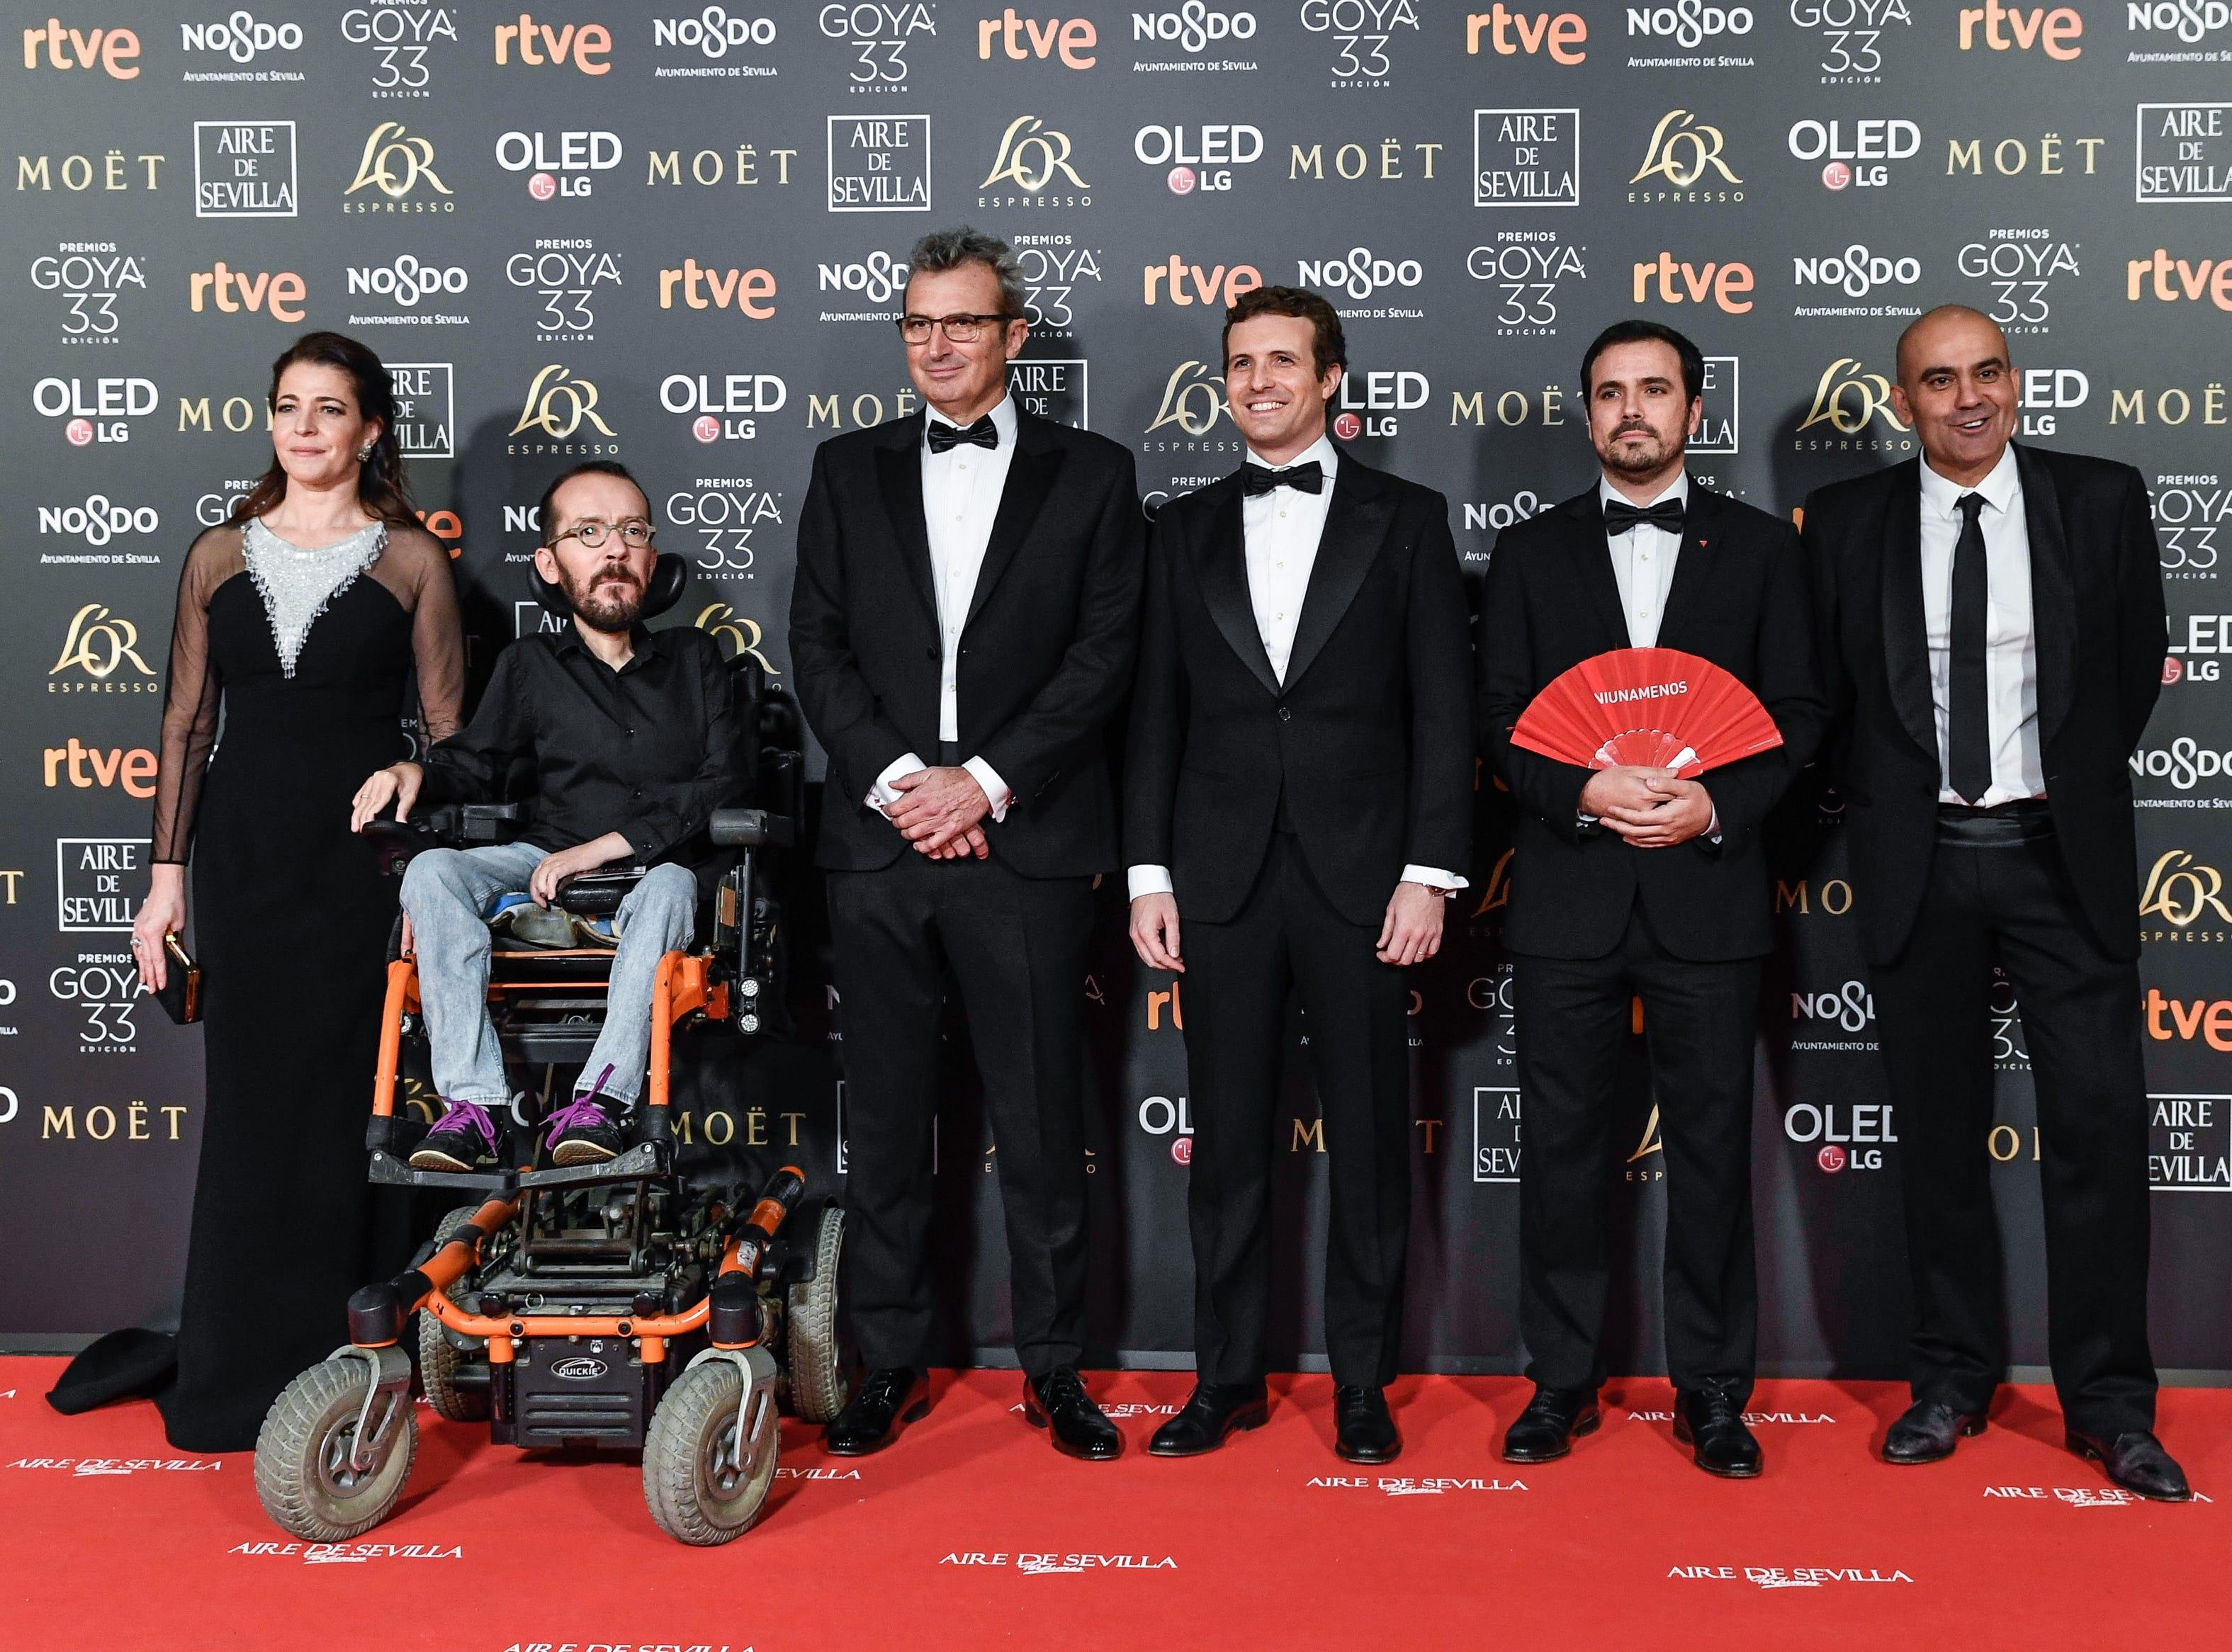 Pablo Echenique, Mariano Barroso, Pablo Casado y Alberto Garzán asisten a la 33ª edición de los Premios de Cine Goya en el Palacio de Congresos y Exposiciones FIBES el 2 de febrero de 2019 en Sevilla, España.